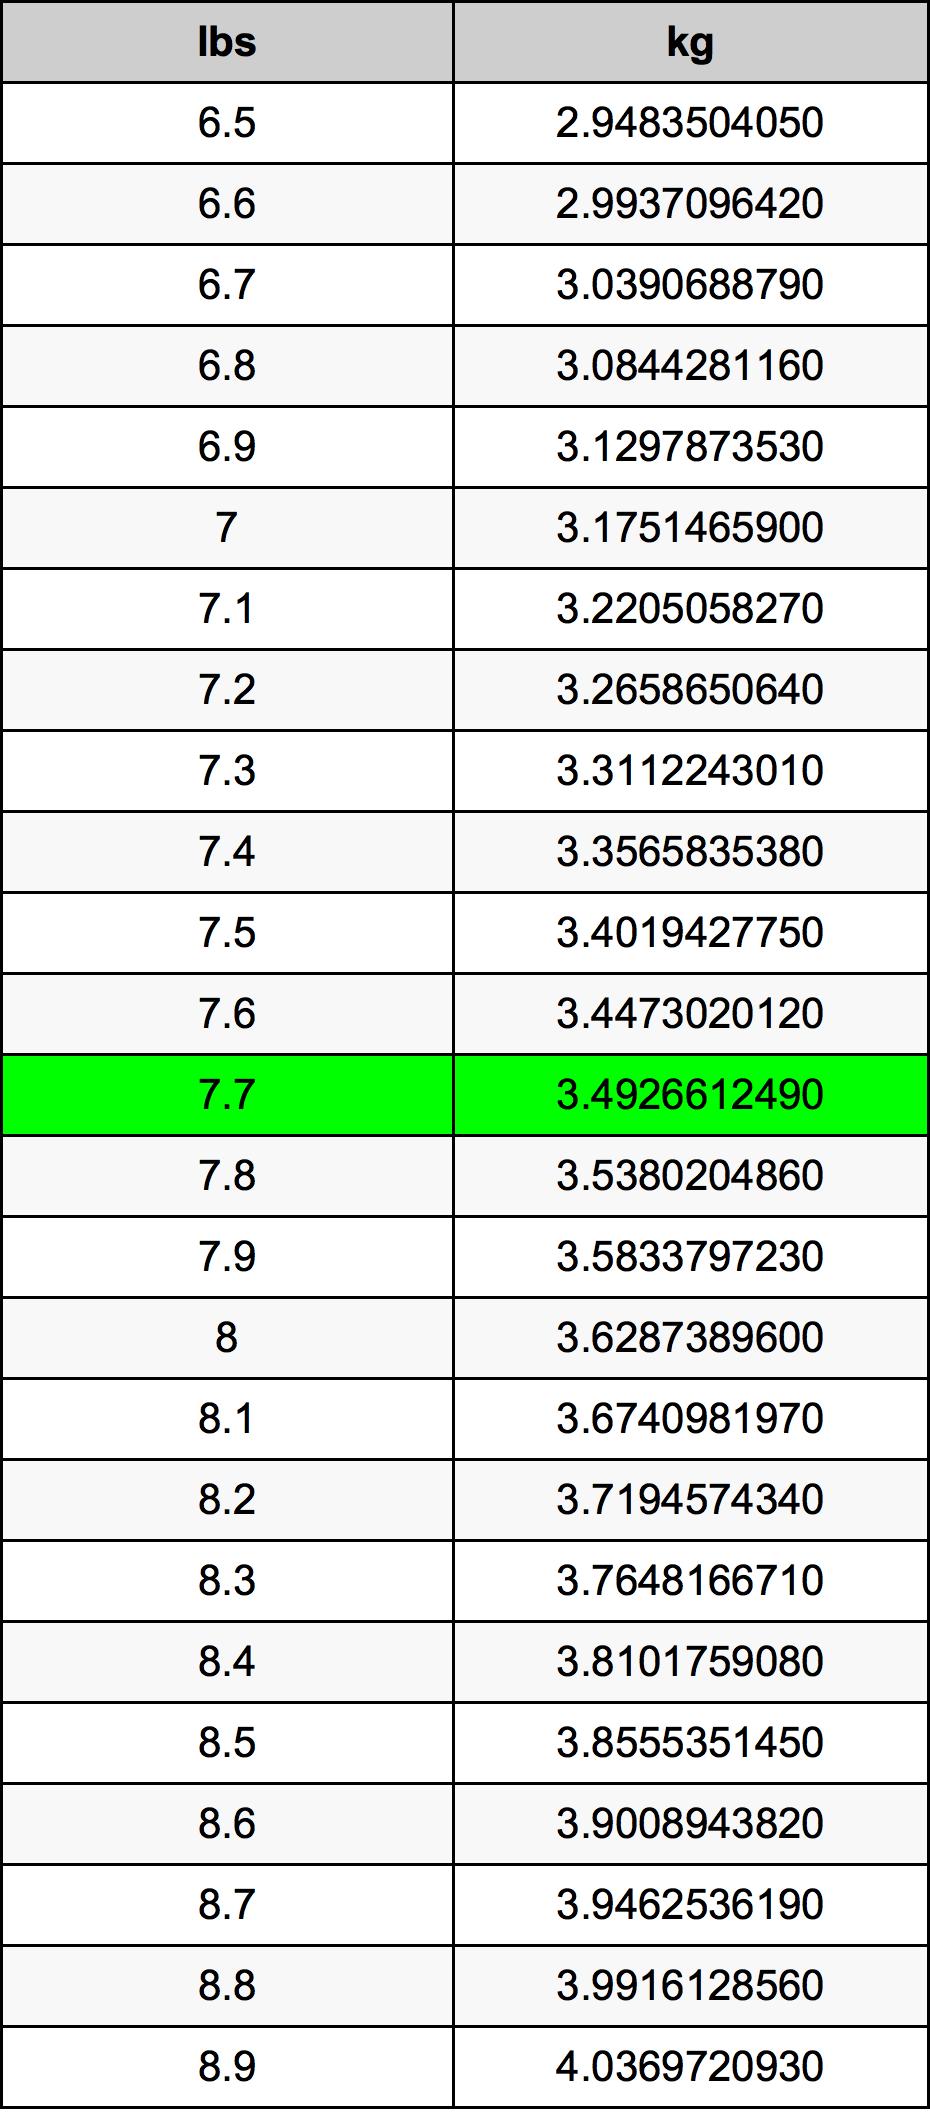 7.7ポンドをキログラム単位変換   7.7lbsをkg単位変換